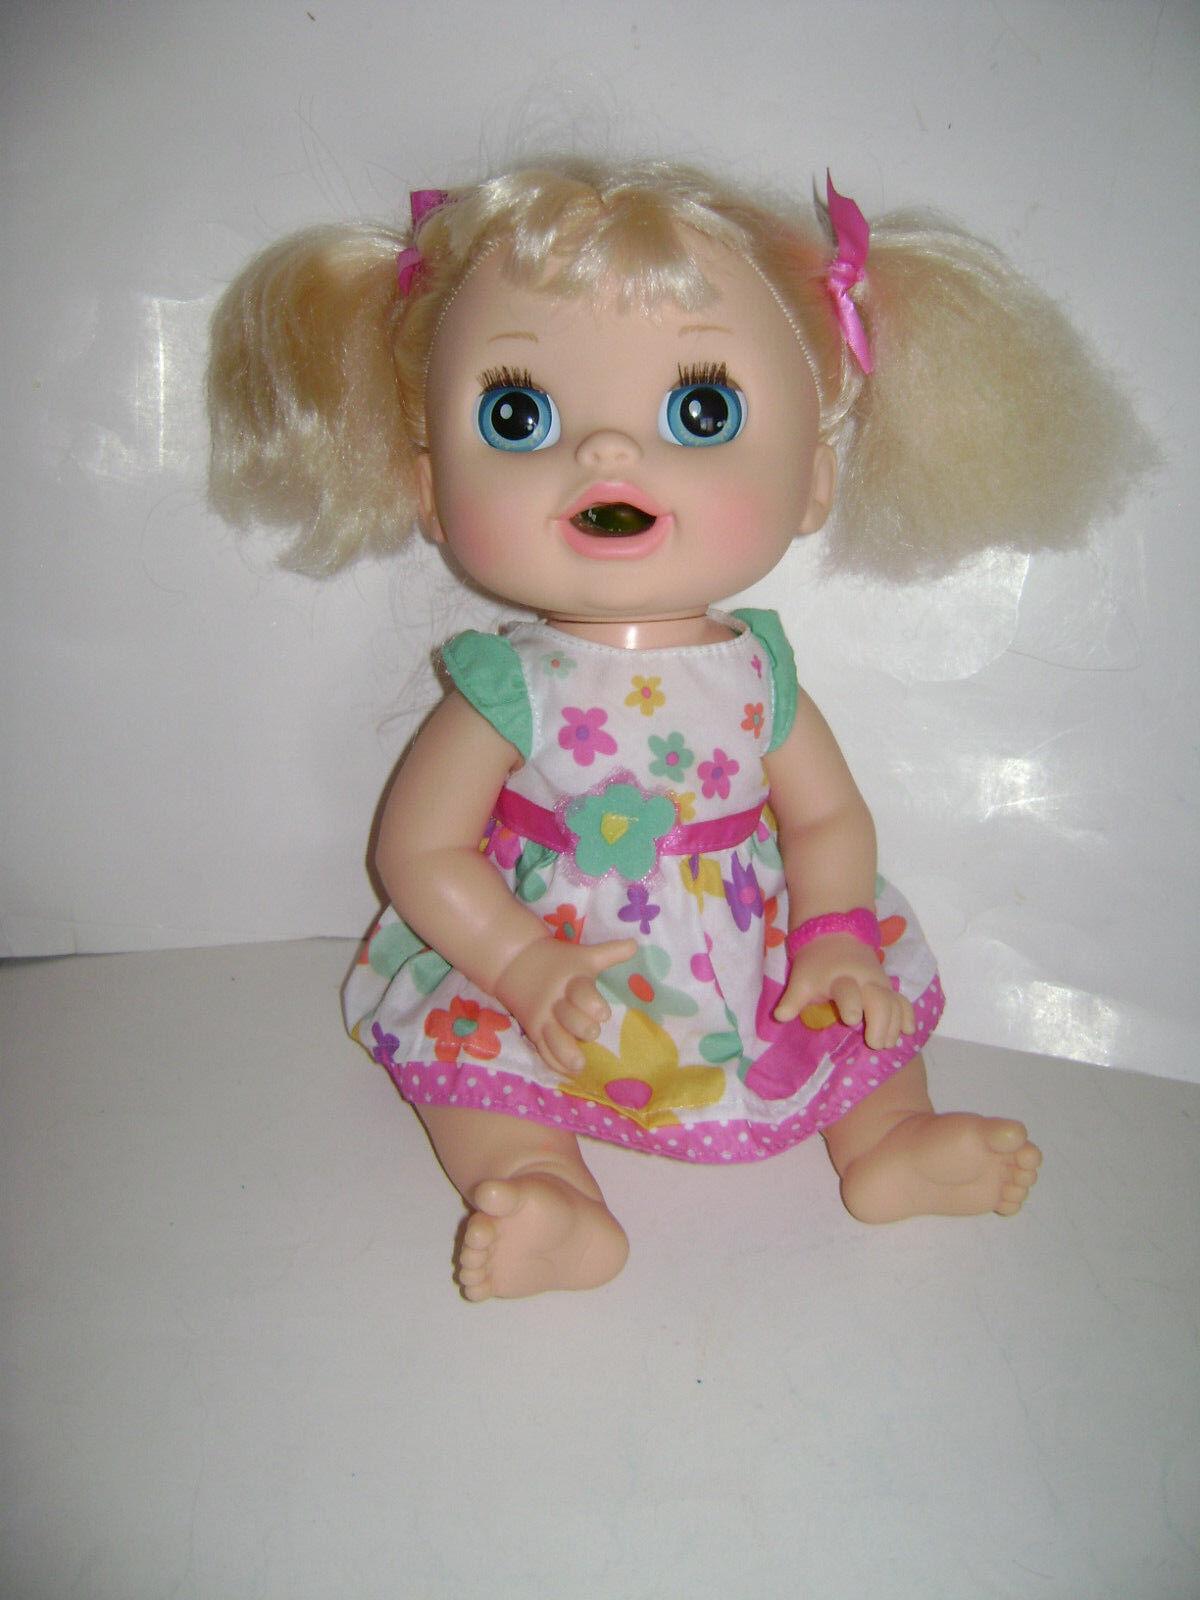 2012 Hasbro bebé vivo sorpresas REAL muñeca rubia hispano inglés y español